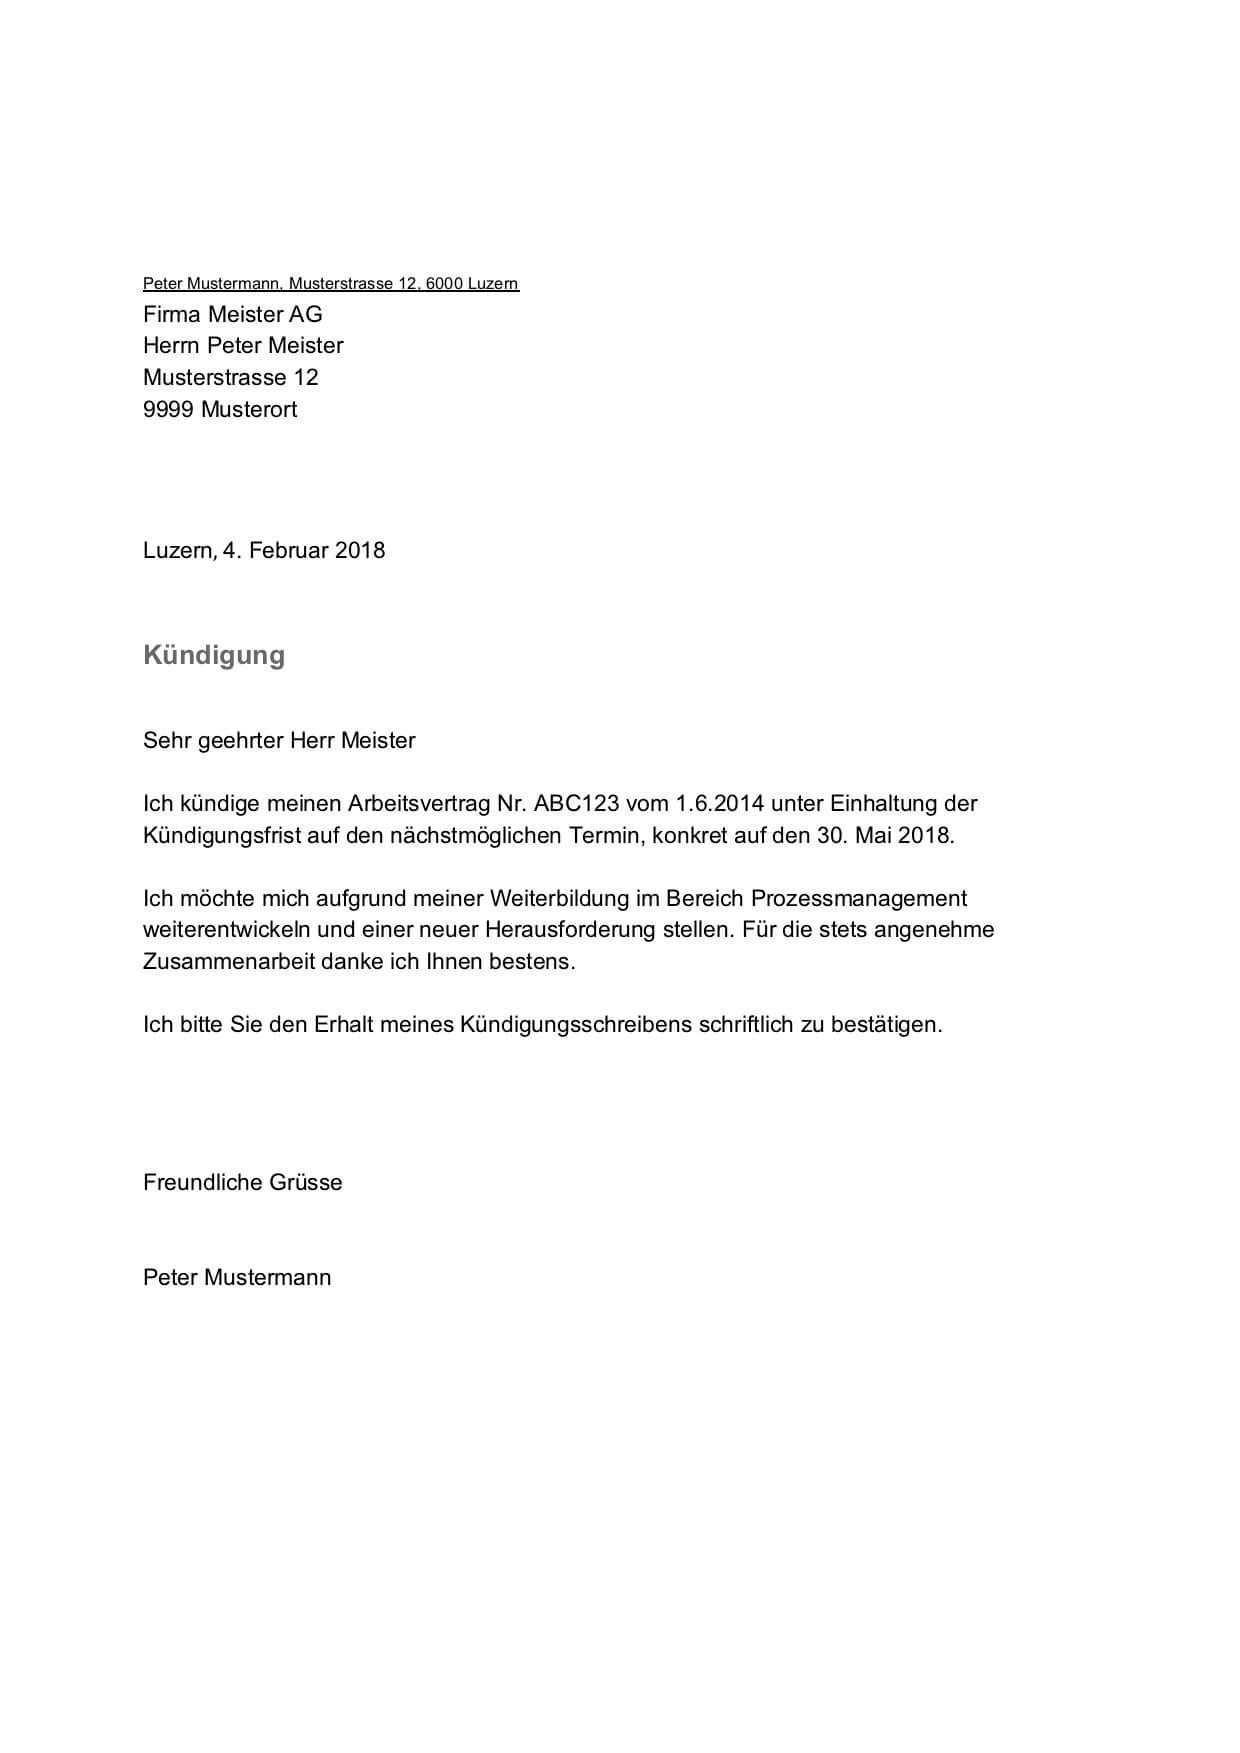 Gratis Kundigungsschreiben Vorlage Mit Diesem Muster Kundigen Sie Als Arbeitnehmer In Der Schweiz Ihren Job Probl Kundigung Schreiben Kundigung Vorlagen Word